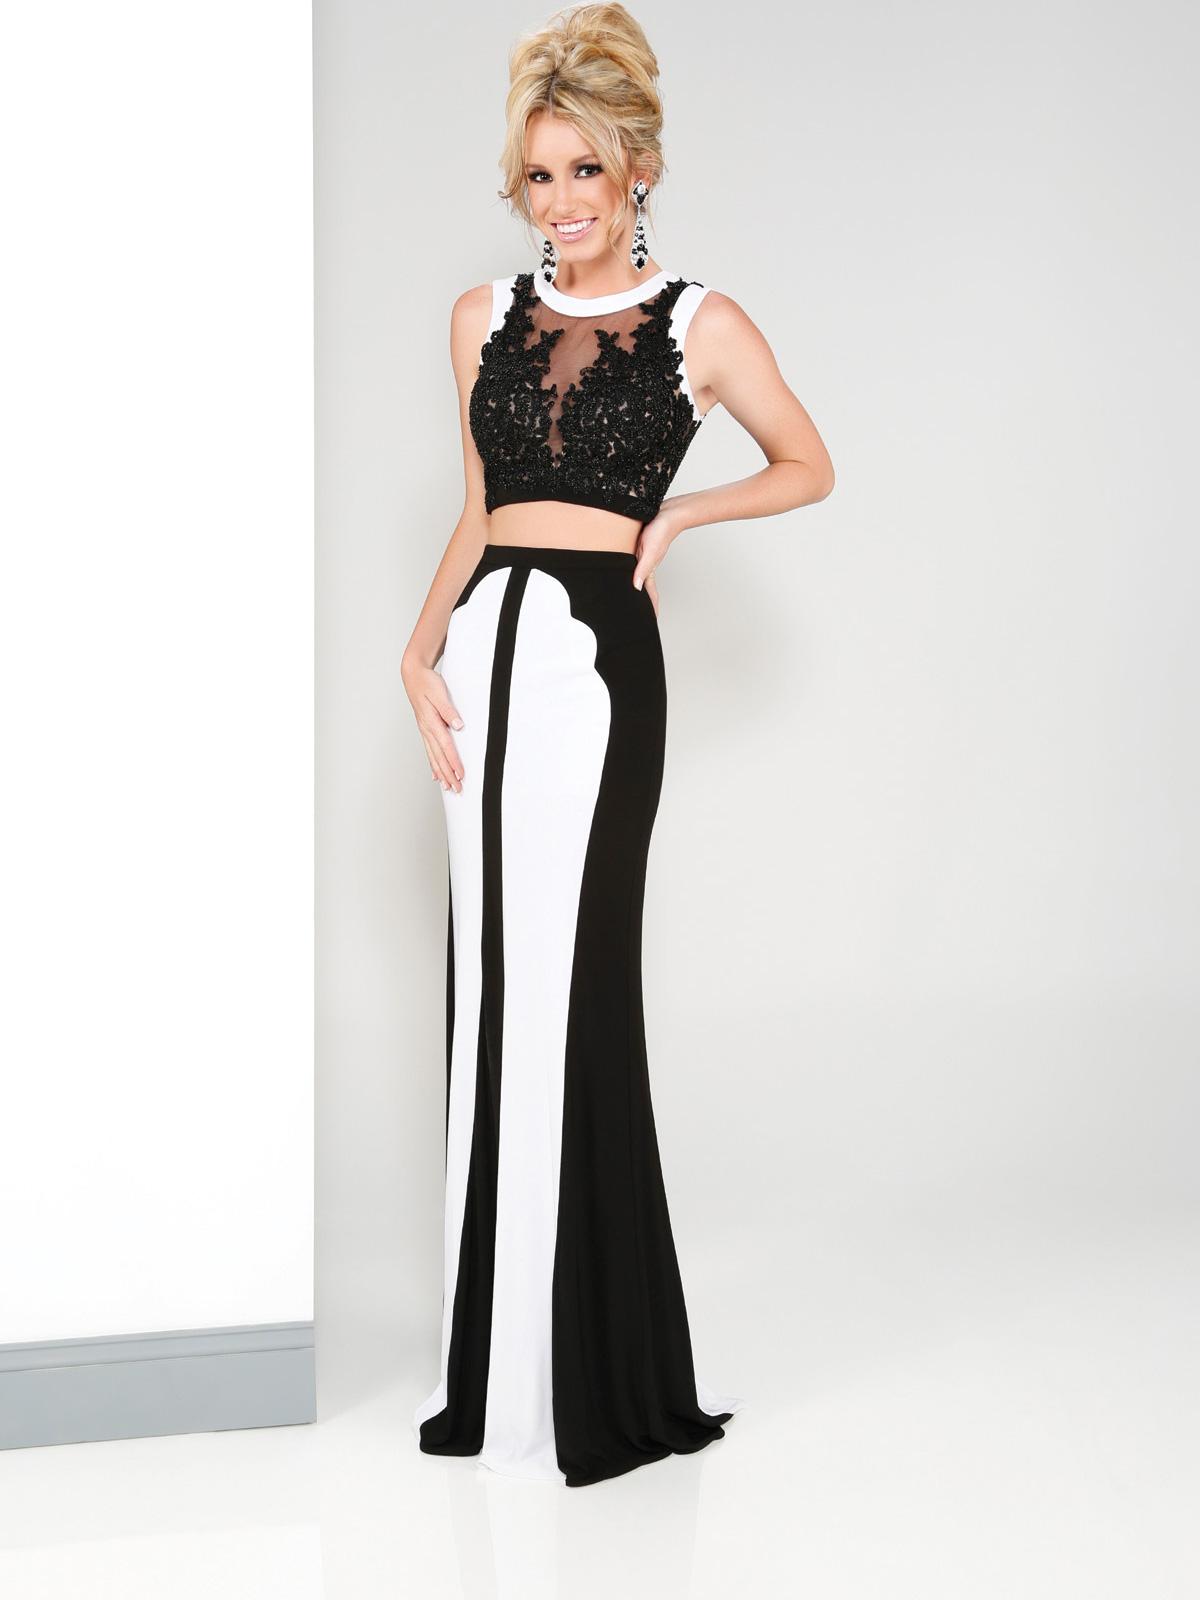 Vestido de Festa crooped com top em renda com transparência colo e costas, saia sereia bicolor.